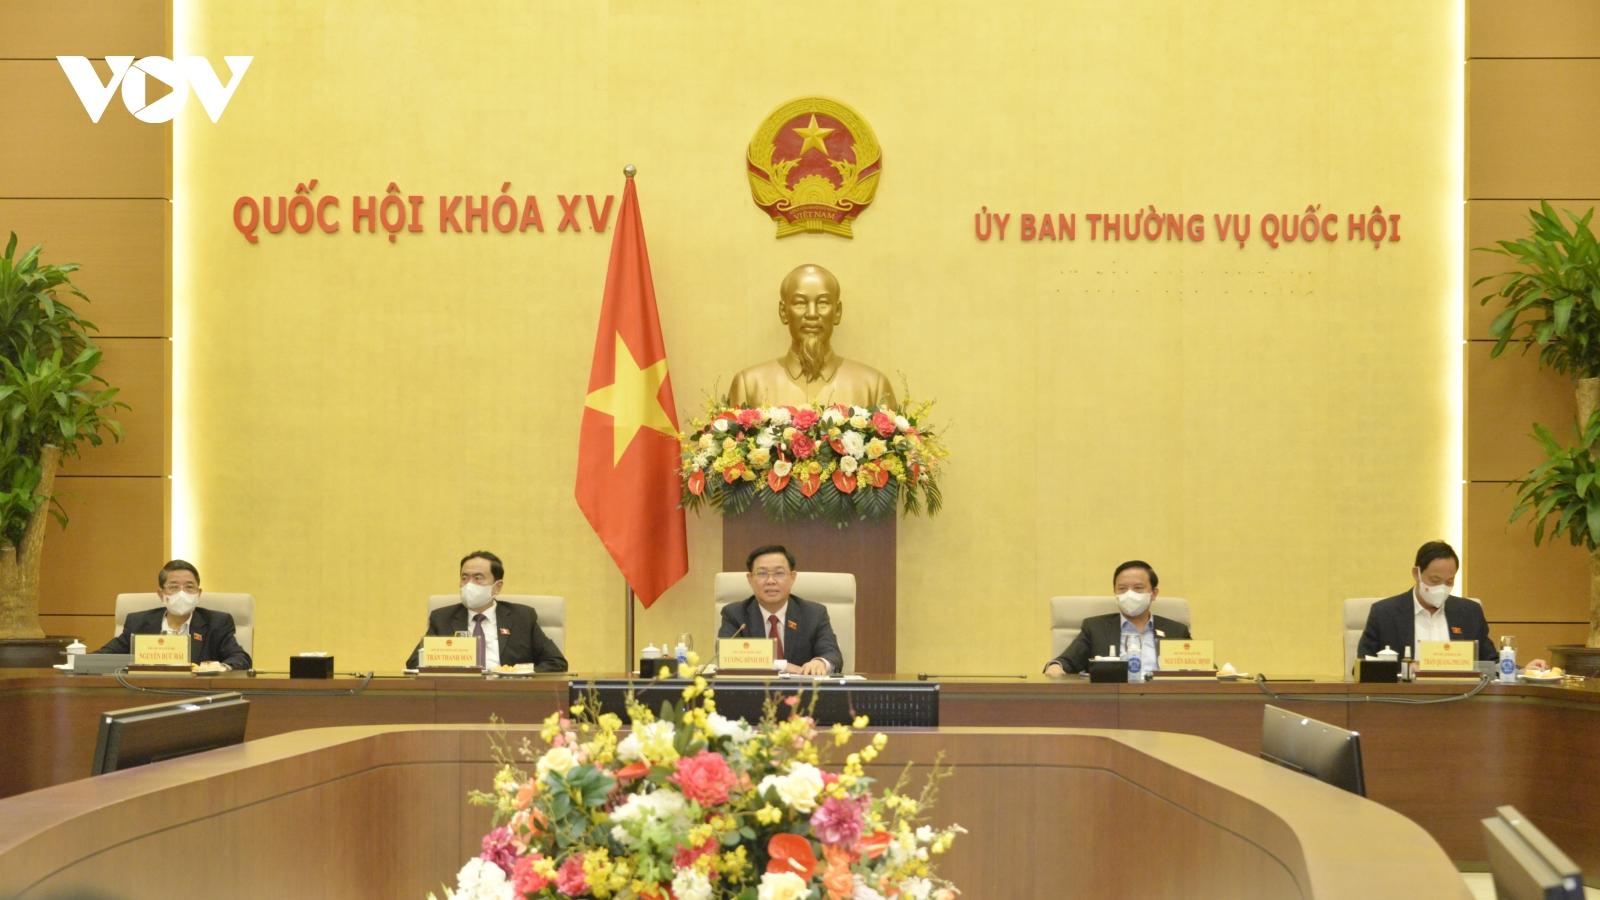 Chủ tịch Quốc hội chủ trì cuộc làm việc về công tác phục vụ kỳ họp Quốc hội